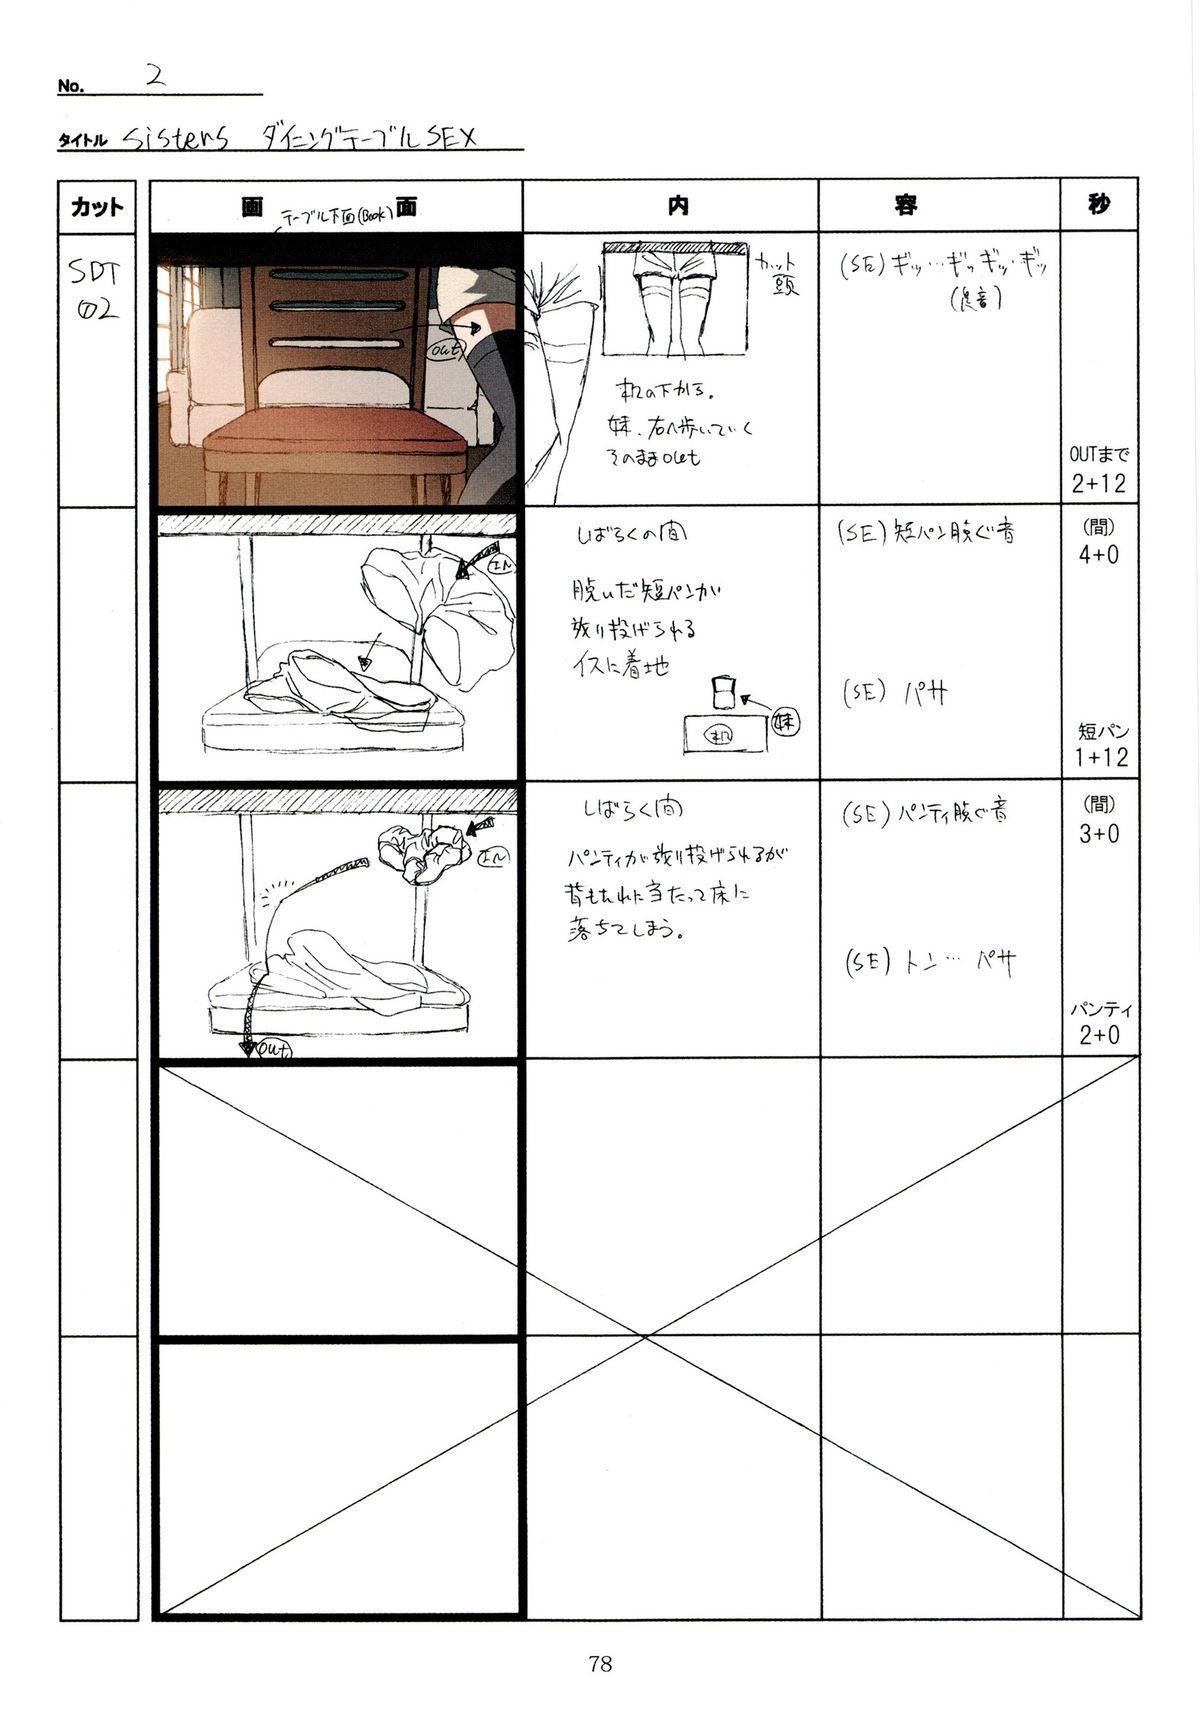 (C89) [Makino Jimusho (Taki Minashika)] SISTERS -Natsu no Saigo no Hi- H Scene All Part Storyboard (SISTERS -Natsu no Saigo no Hi-) 77